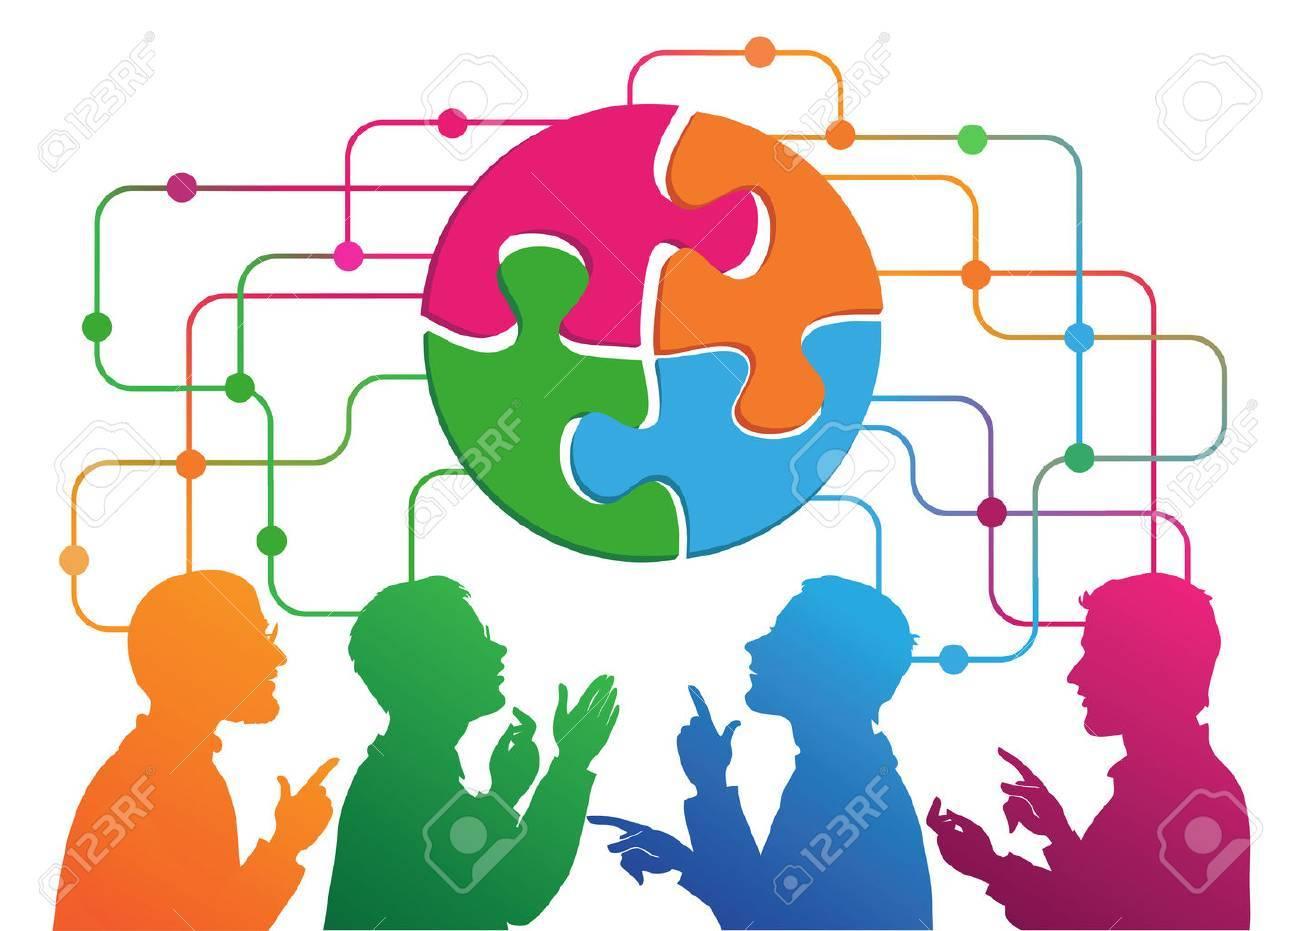 Social Media Circles, Network Illustration, Vector. Standard-Bild - 59138578